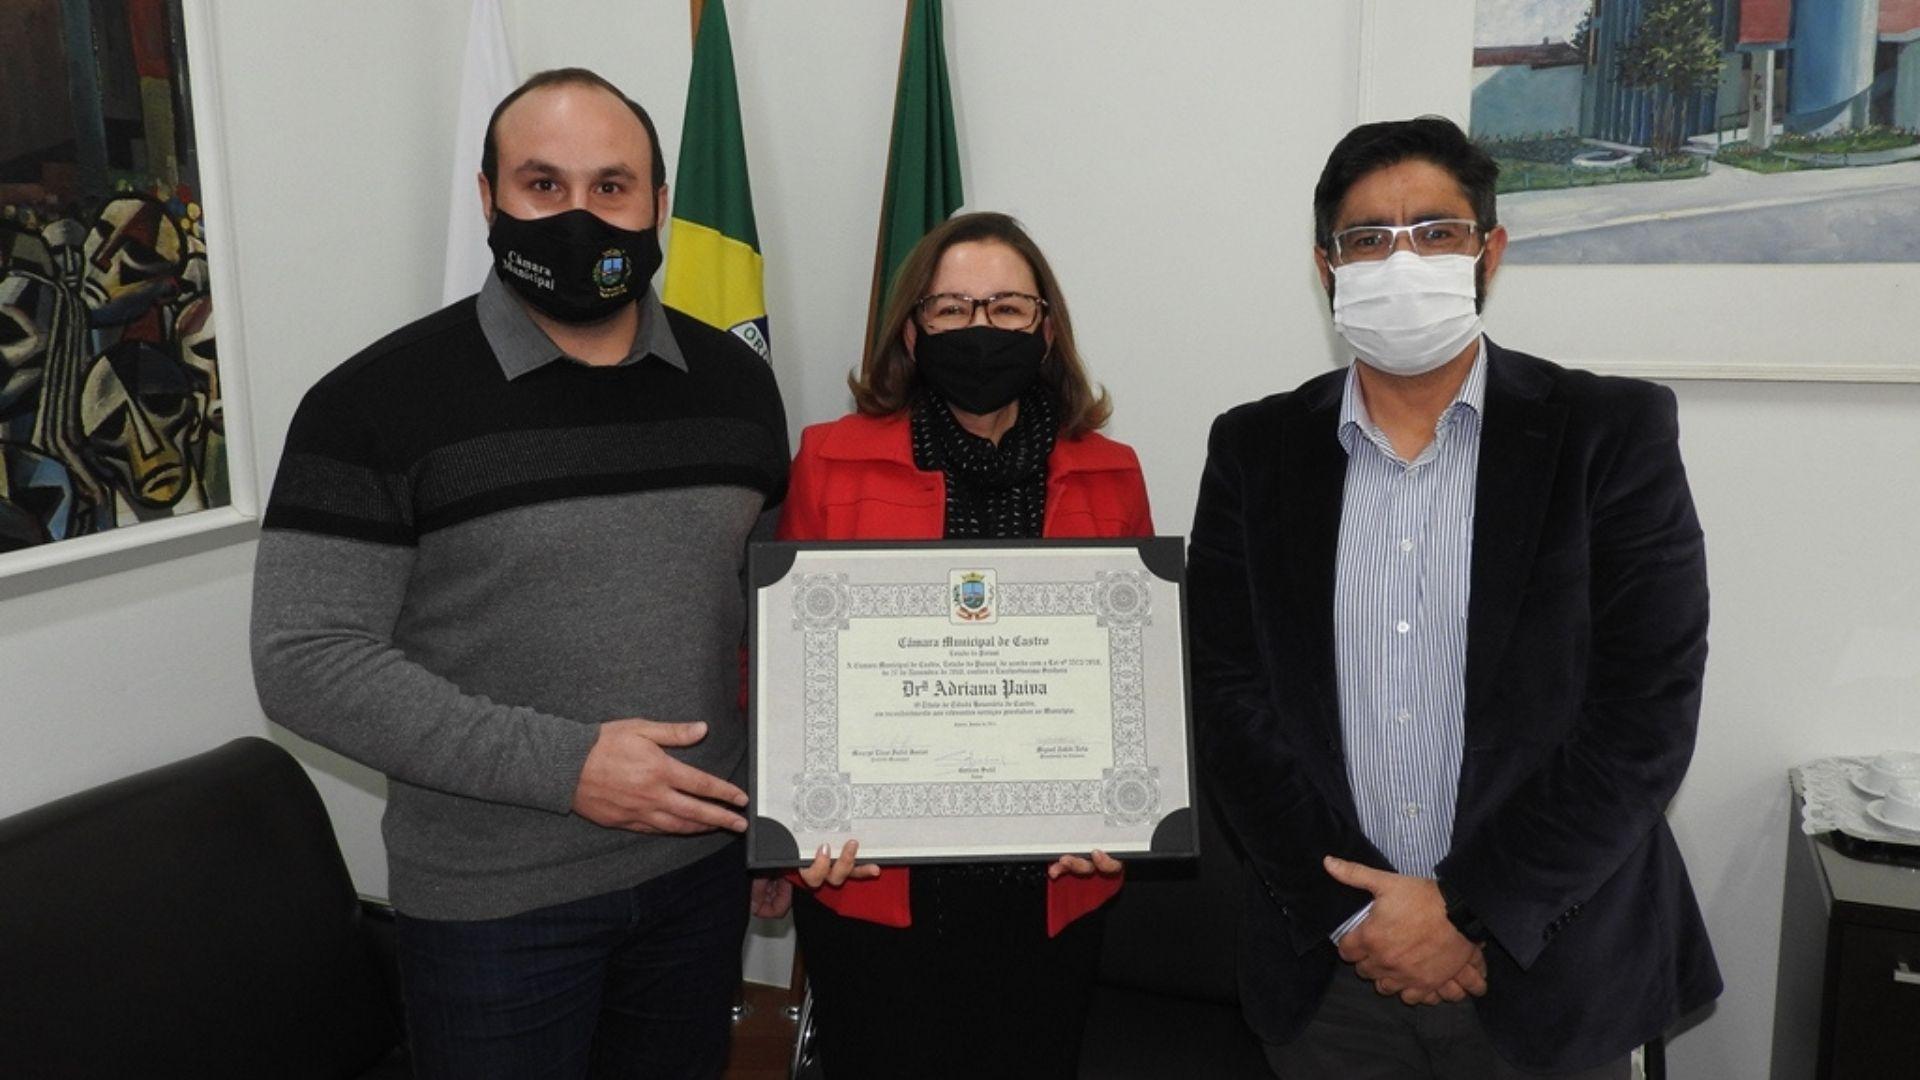 24 anos dedicados à comarca de Castro e a cidadania honorária à juíza Adriana Paiva